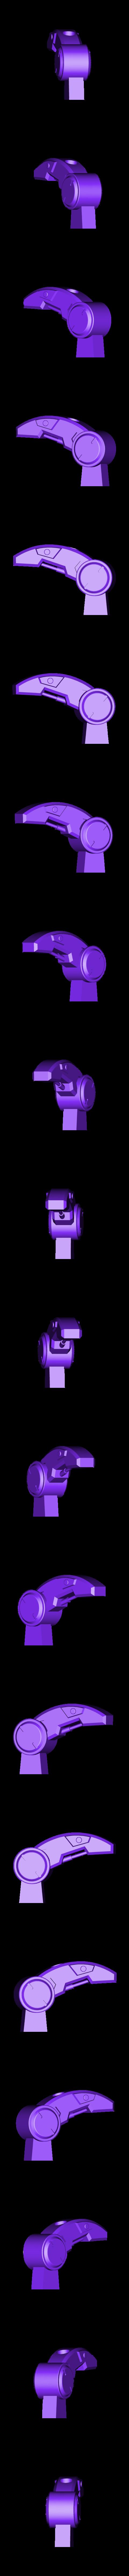 Leg-LeftBack.stl Download STL file Hammond's Wrecking Ball Mech from Overwatch • 3D printer template, FunbieStudios